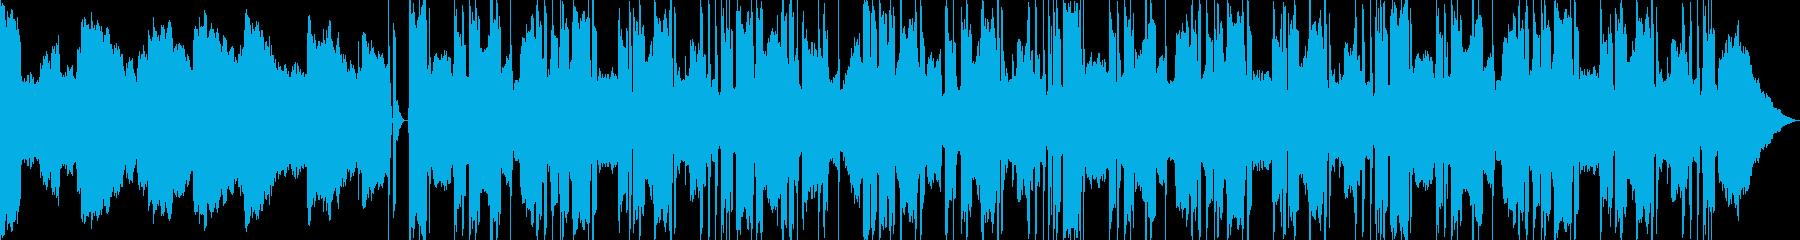 おしゃれで落ち着いたLofiなチルアウトの再生済みの波形